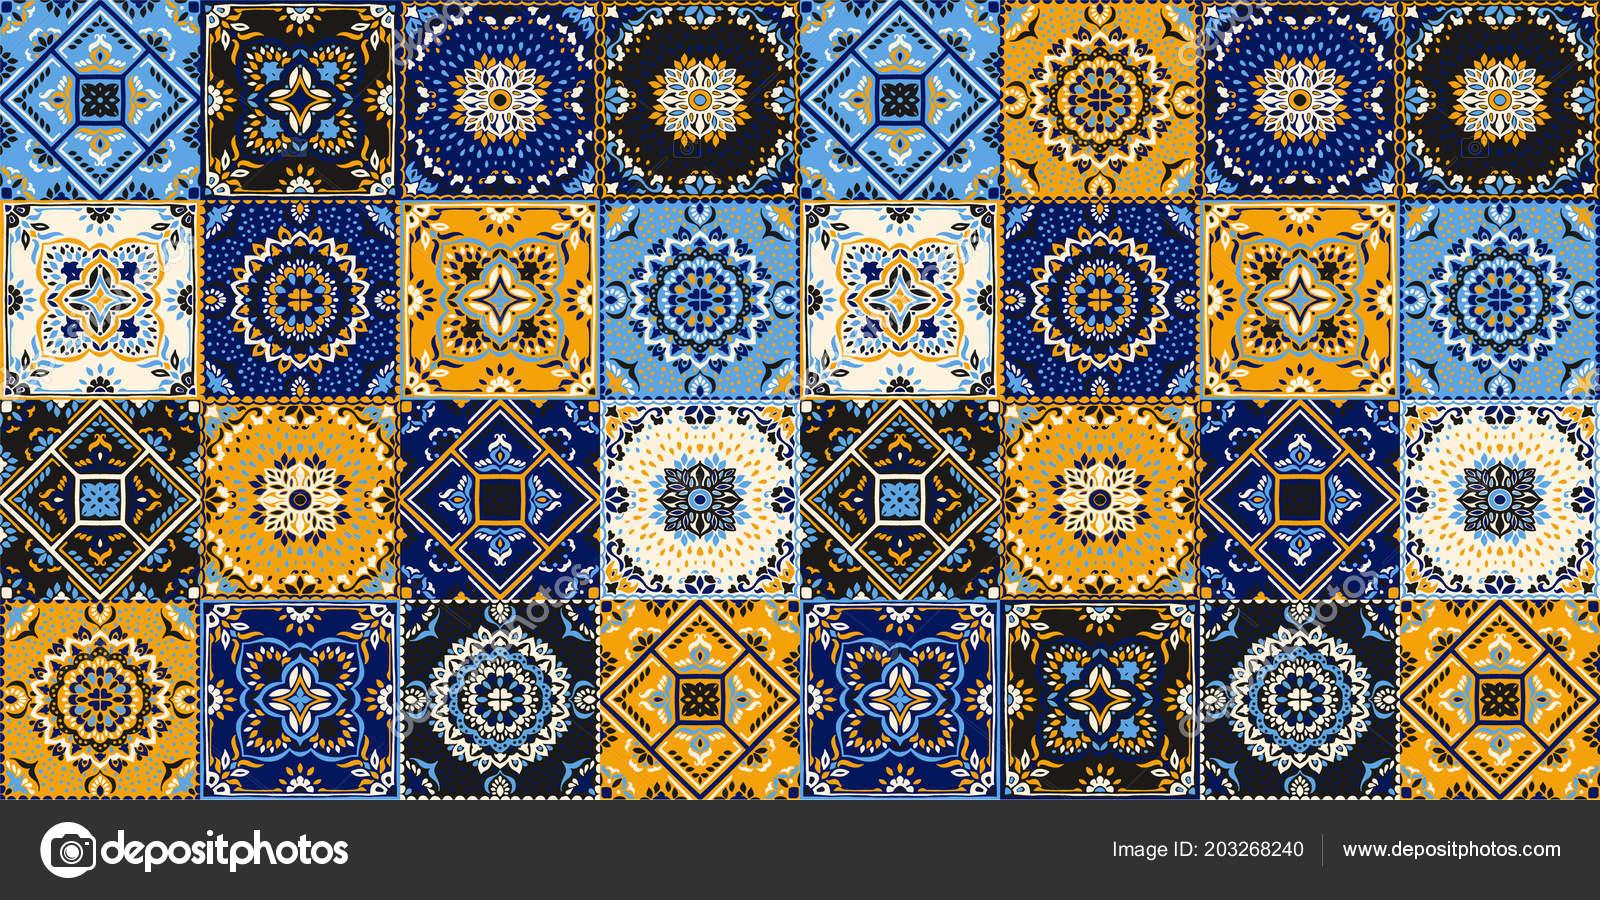 Piastrelle arte marocchina: modello di talavera. azulejos del